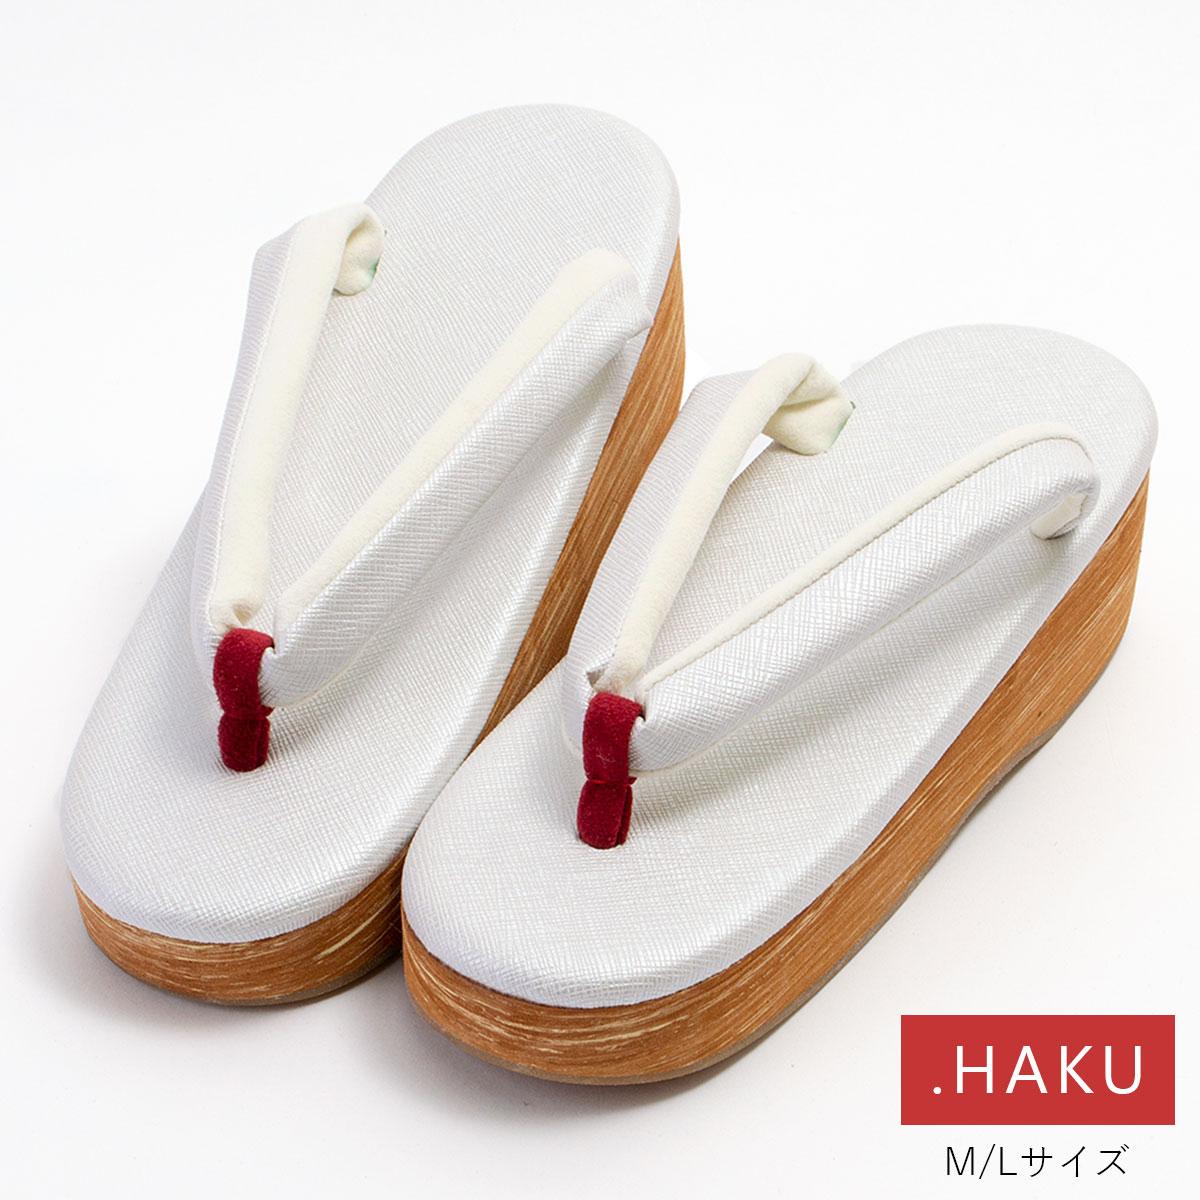 .HAKU 草履 NO.101 ホワイト|足が痛くない カジュアル草履 ウルトラスエード 疲れにくい セミフォーマル Mサイズ Lサイズ レディース 着物 おしゃれ 大きい 白 カフェ